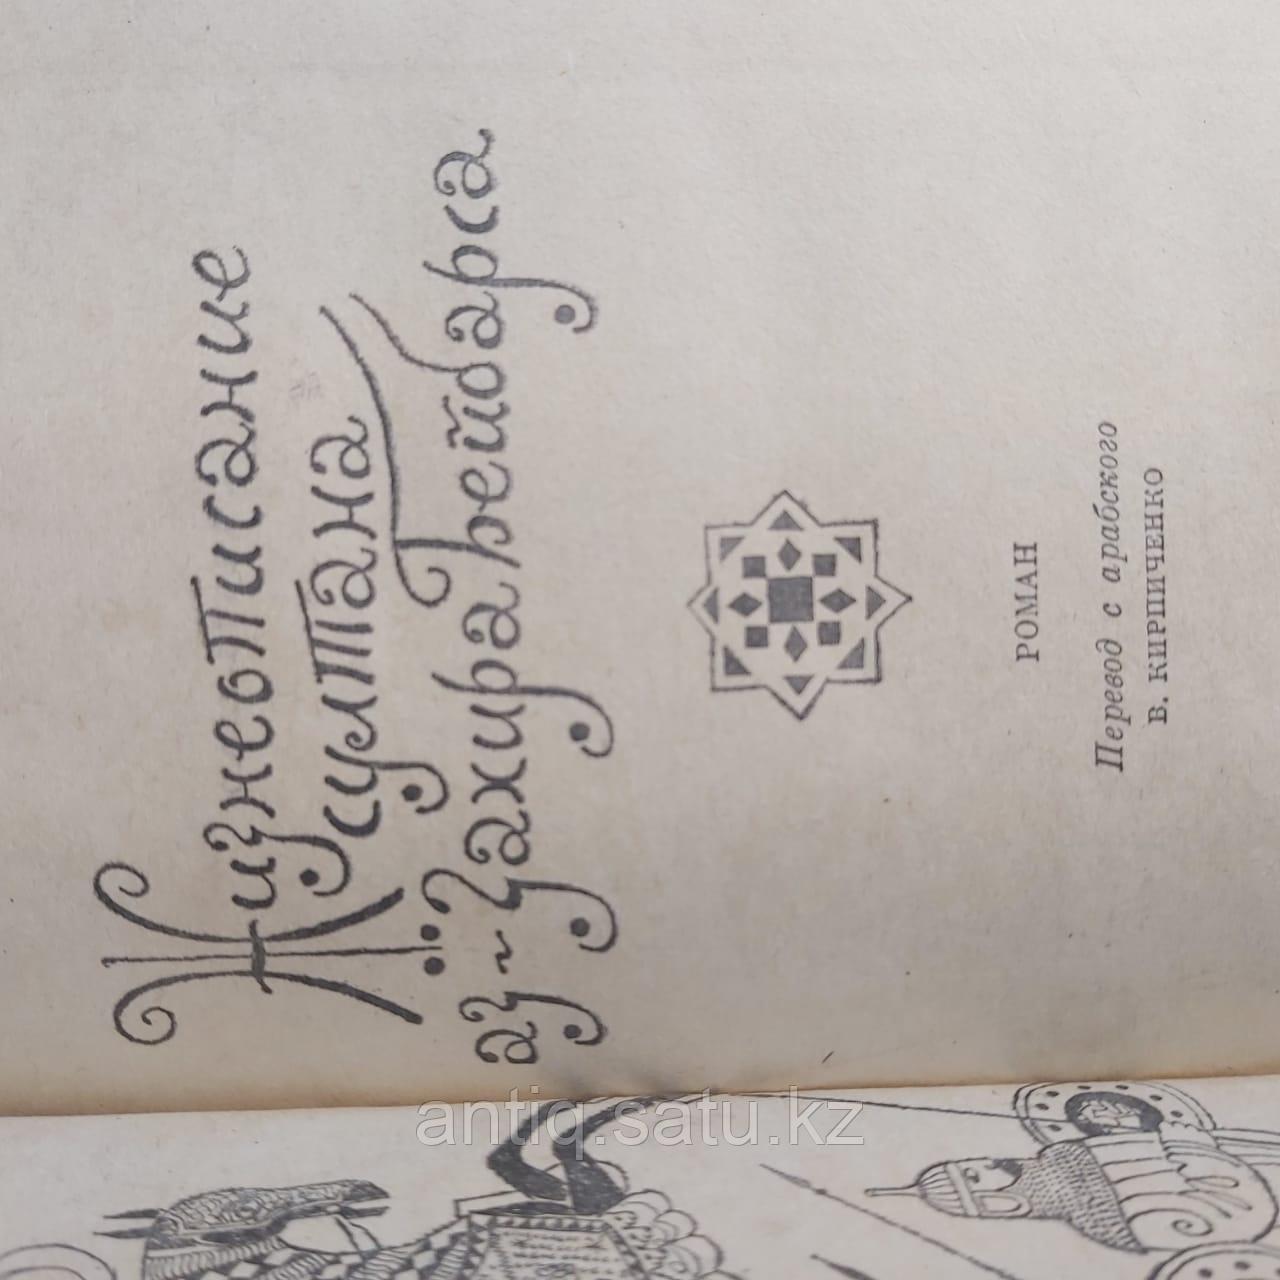 «Жизнеописание Султана аз-Захира Бейбарса» Автор: перевод с арабского В. Кирпиченко. - фото 5